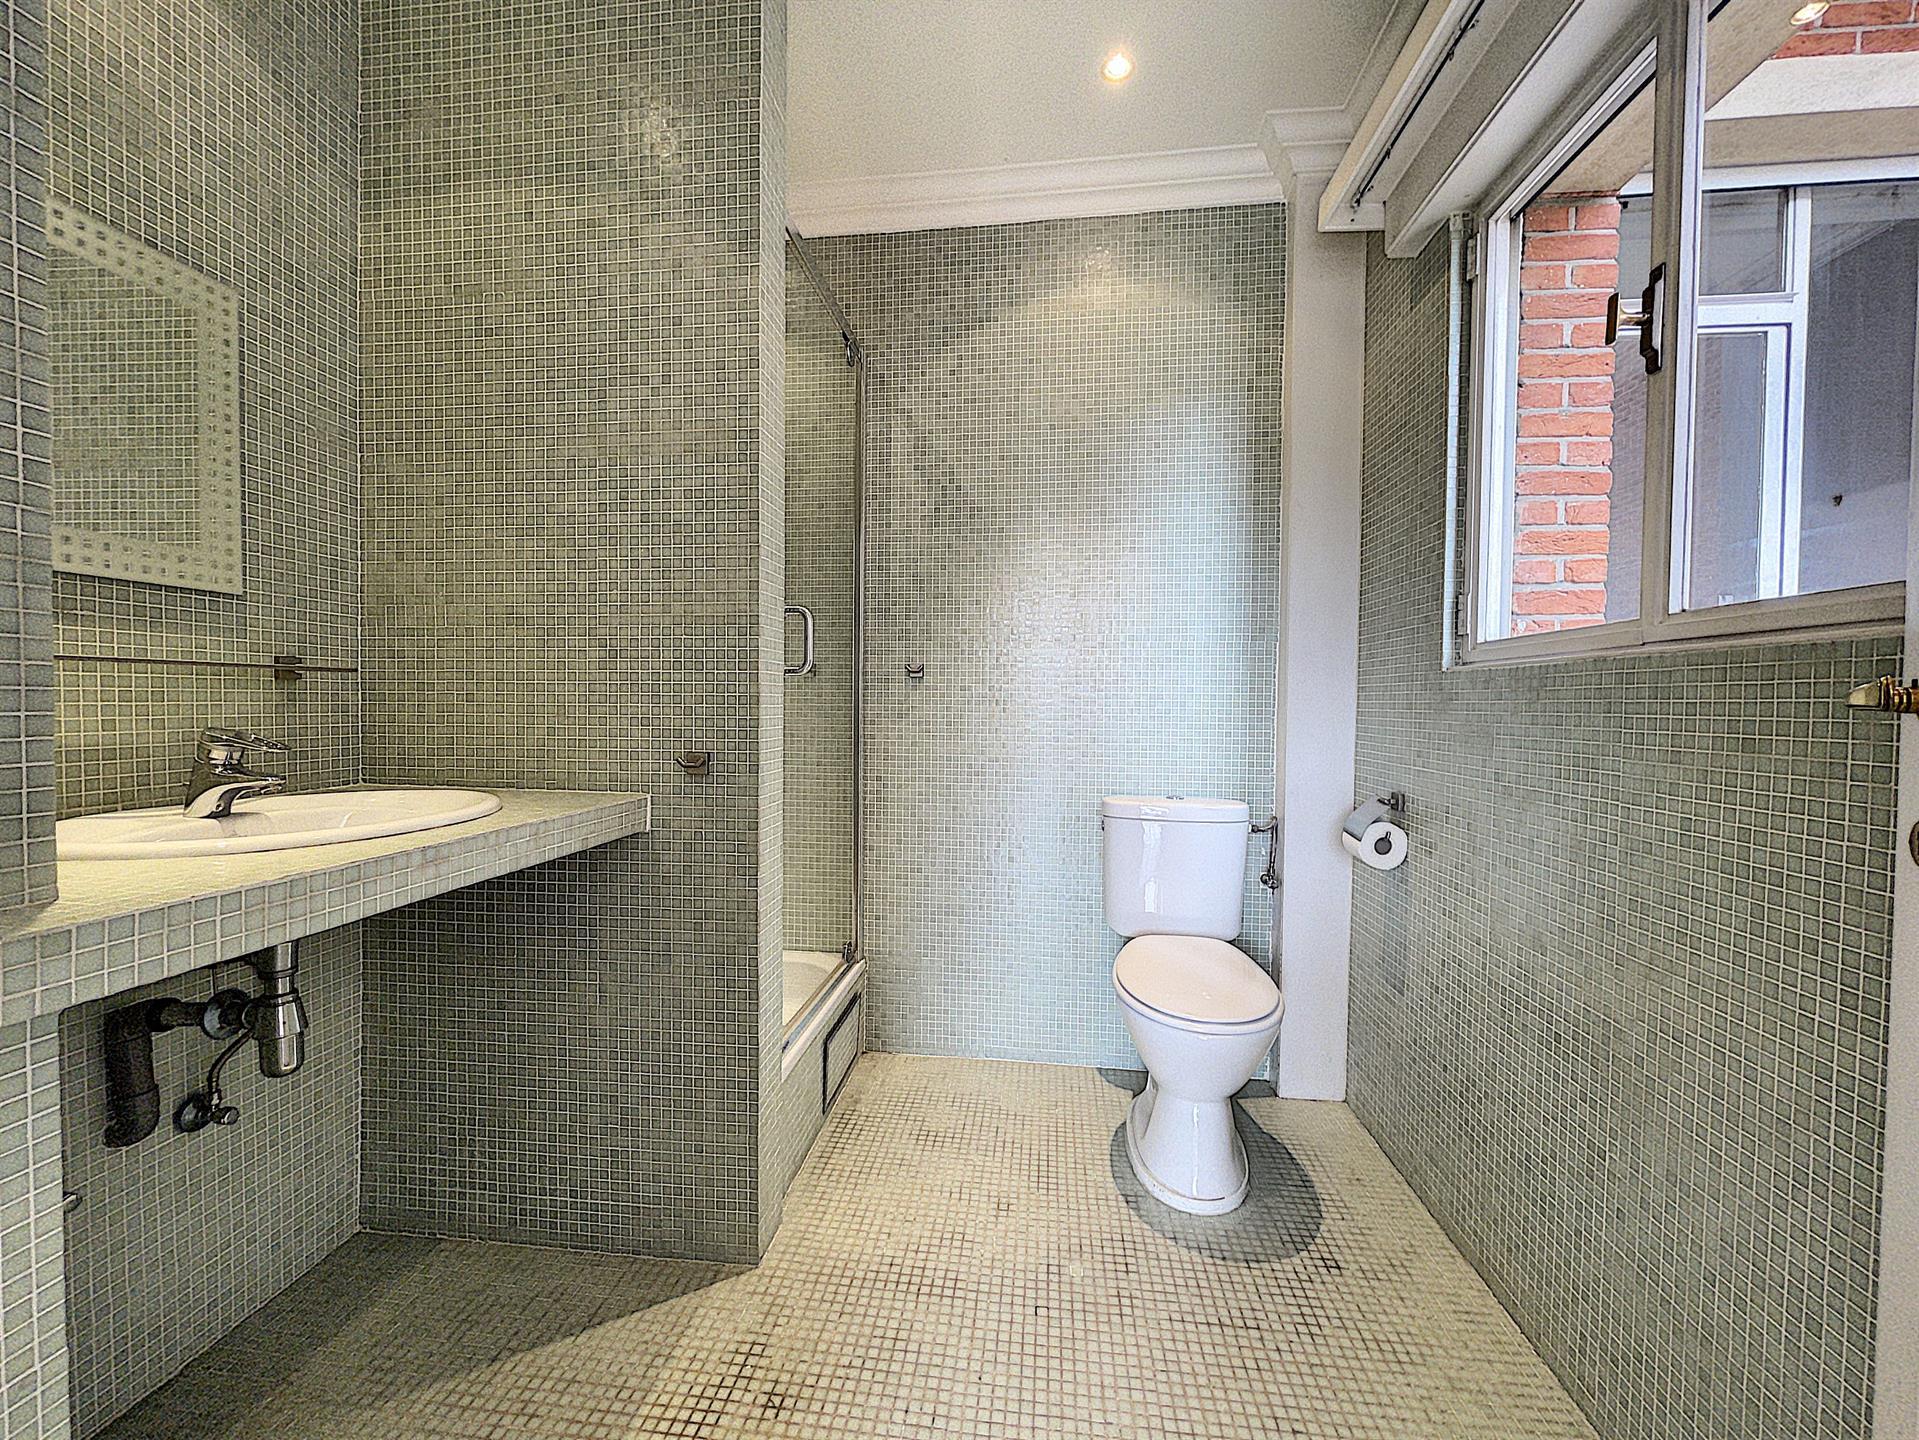 Appartement exceptionnel - Bruxelles/Ixelles - #4380182-10